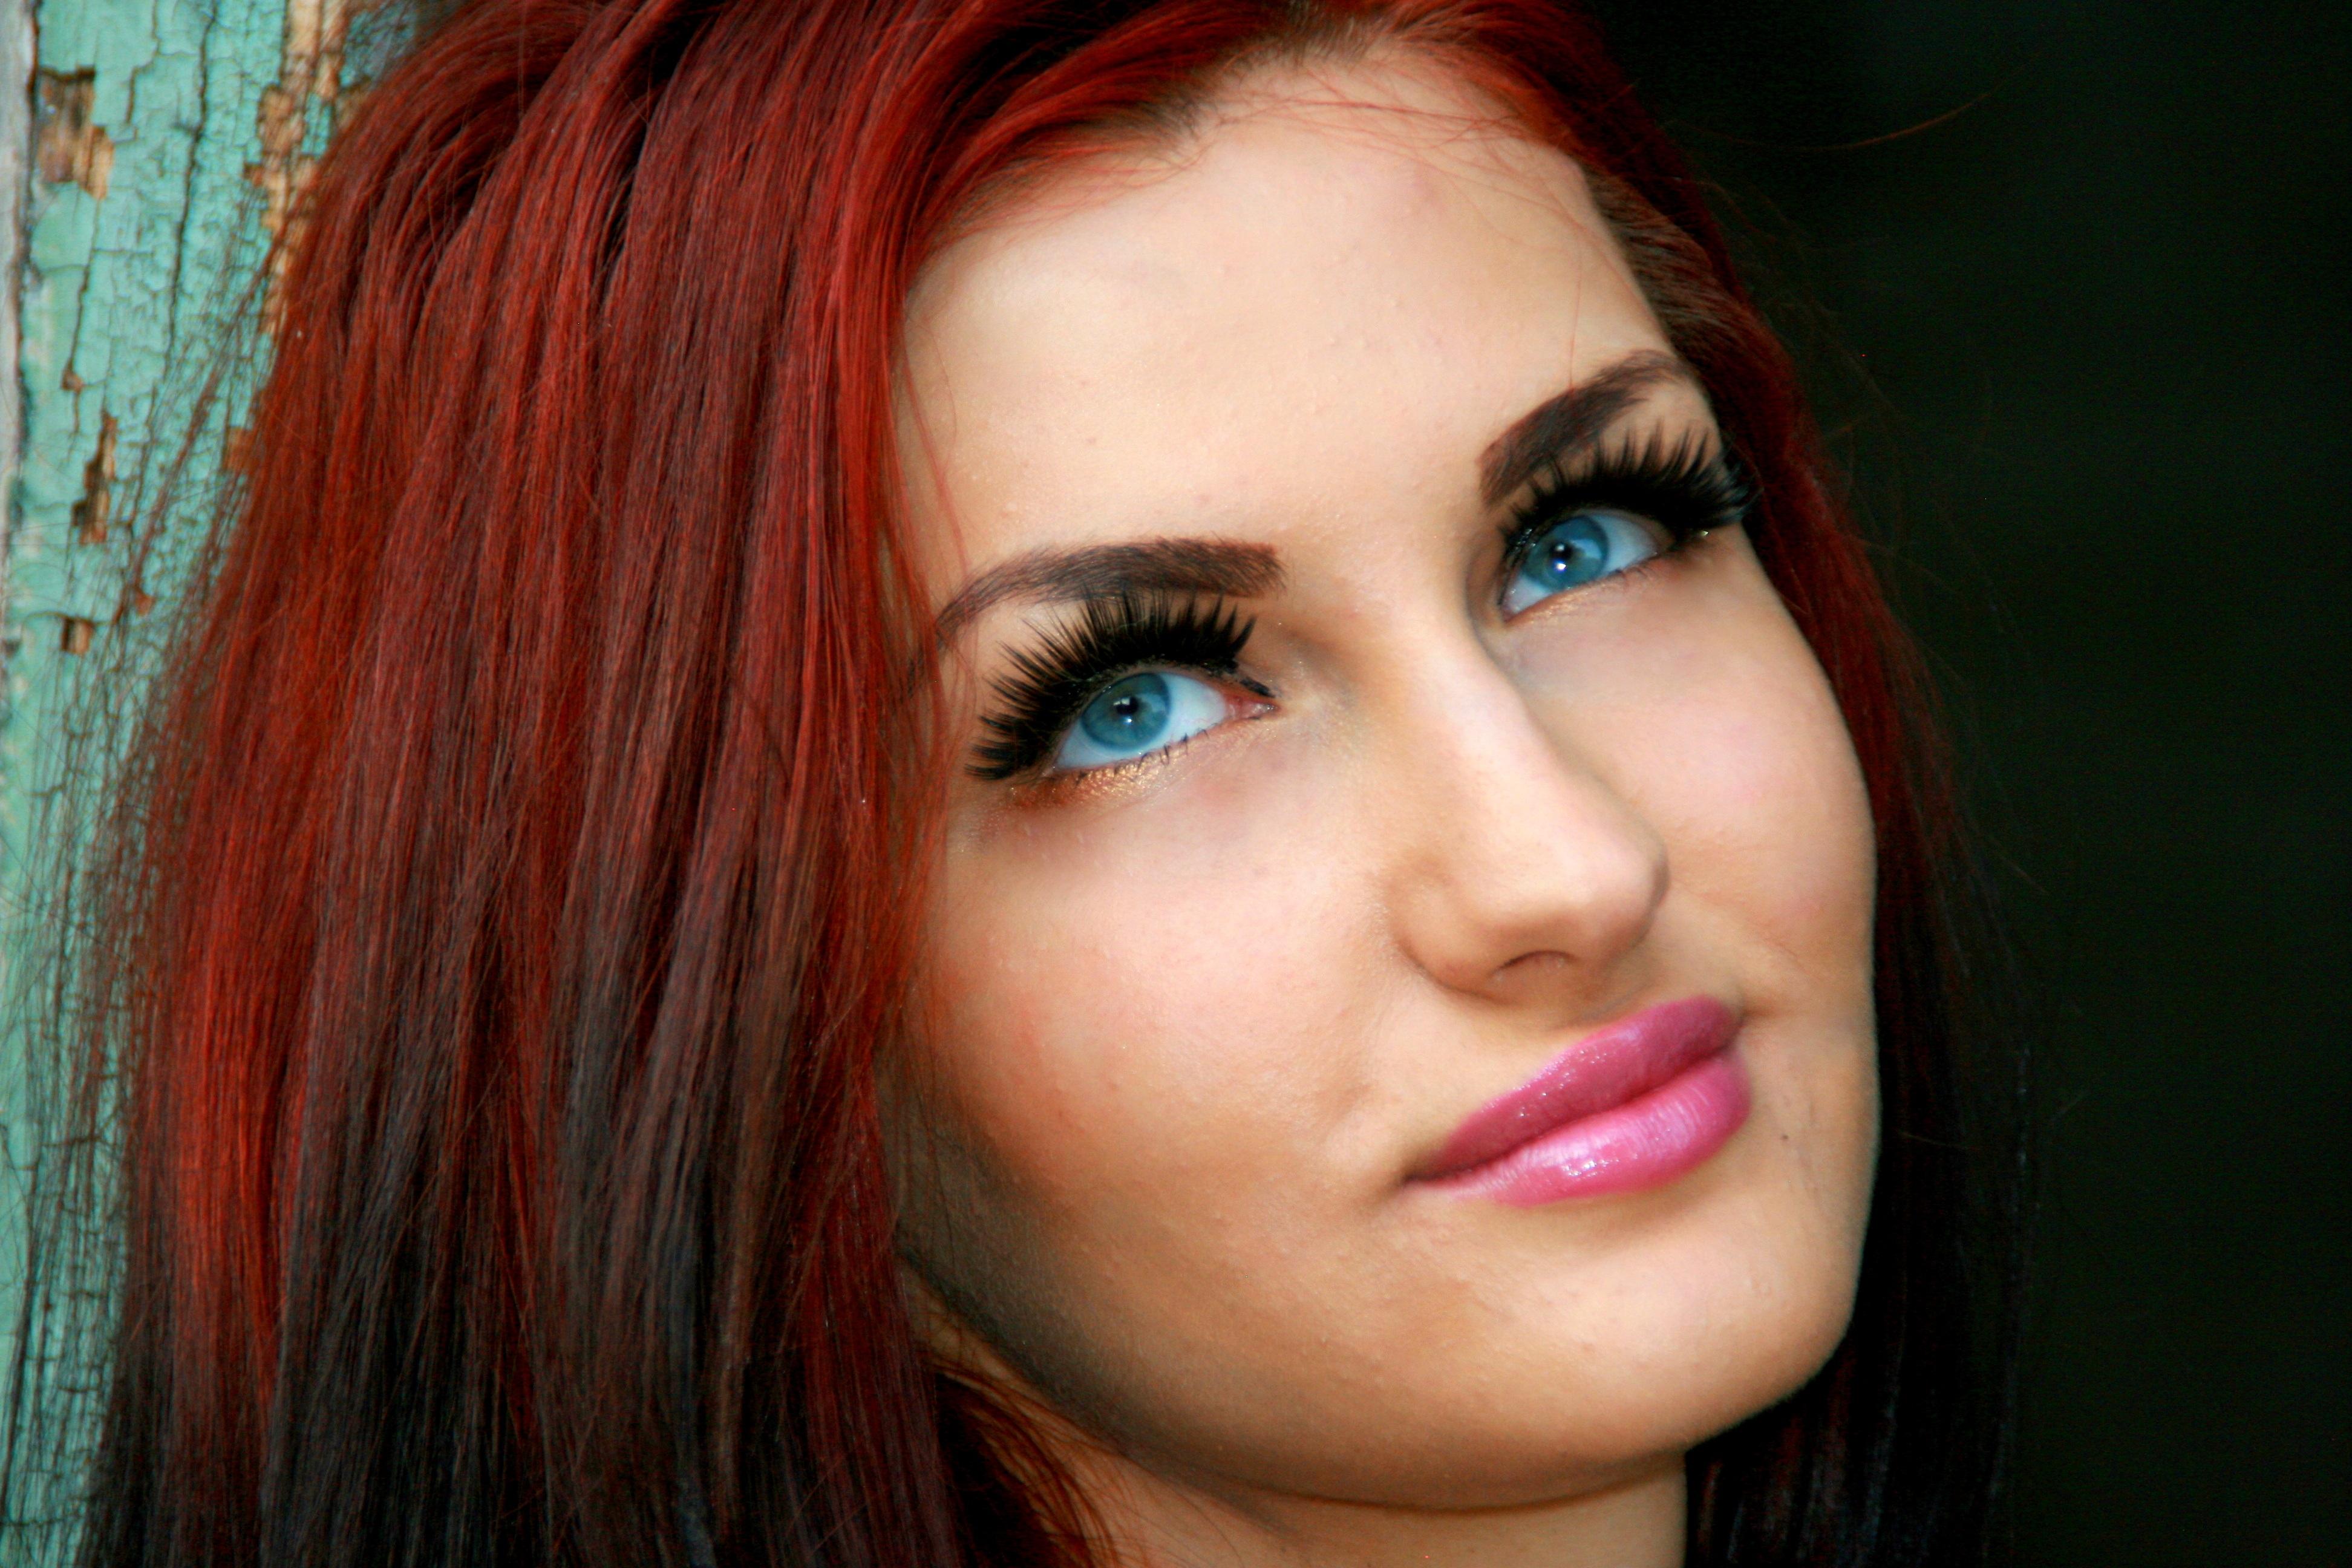 Populaire Images Gratuites : fille, maquette, rouge, mode, bleu, Dame, lèvre  XF22